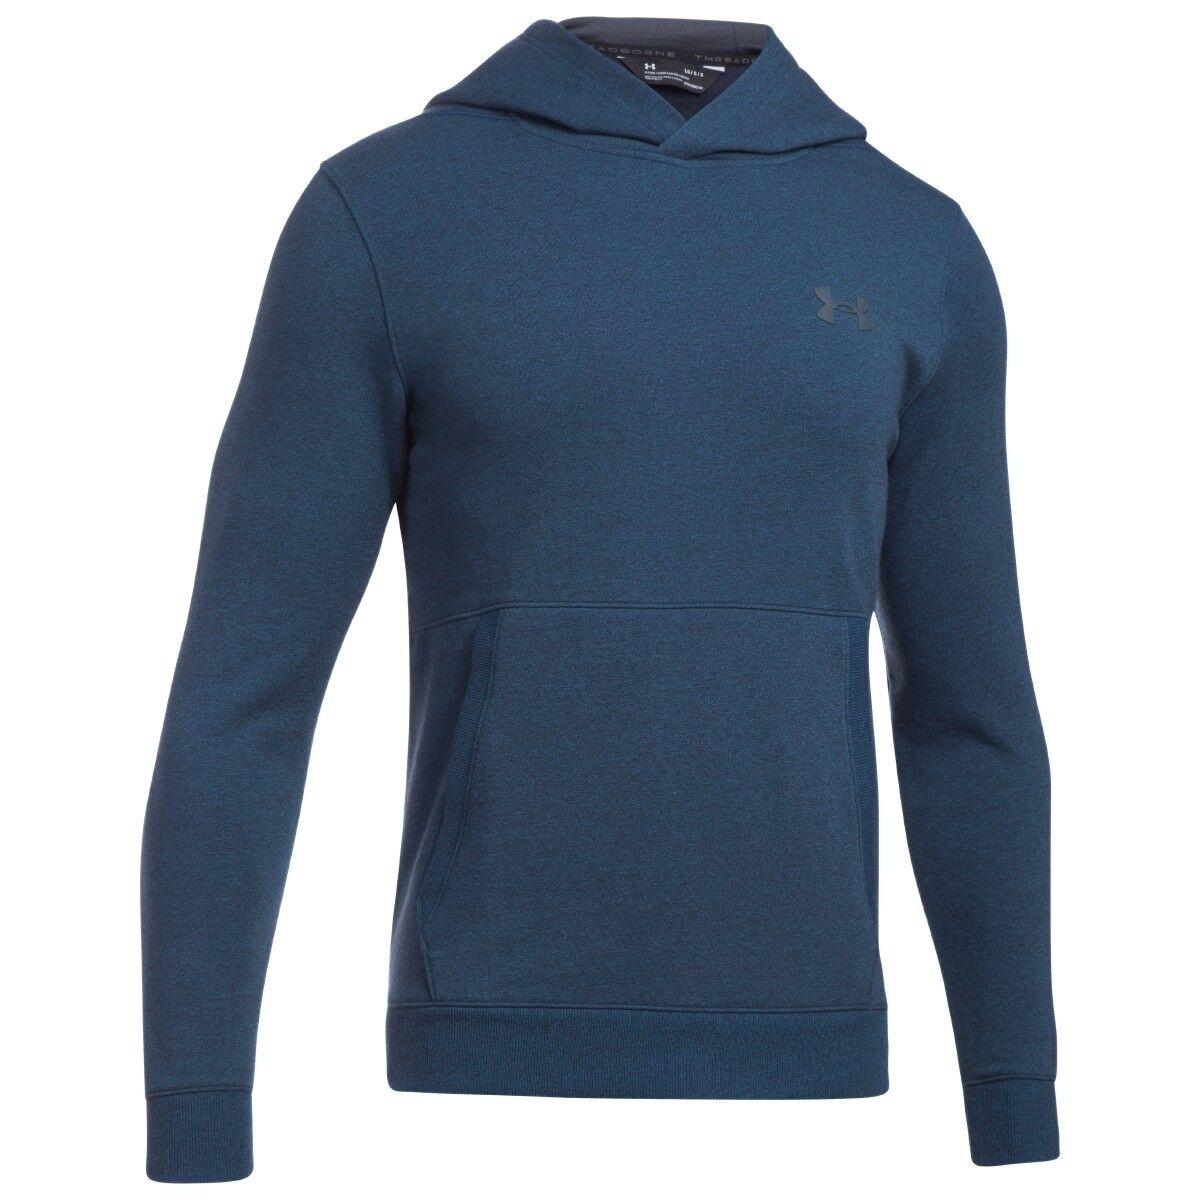 Under Armour Threadborne Fitted Fleece Hoodie Sweatshirt Pullover 1306551-953